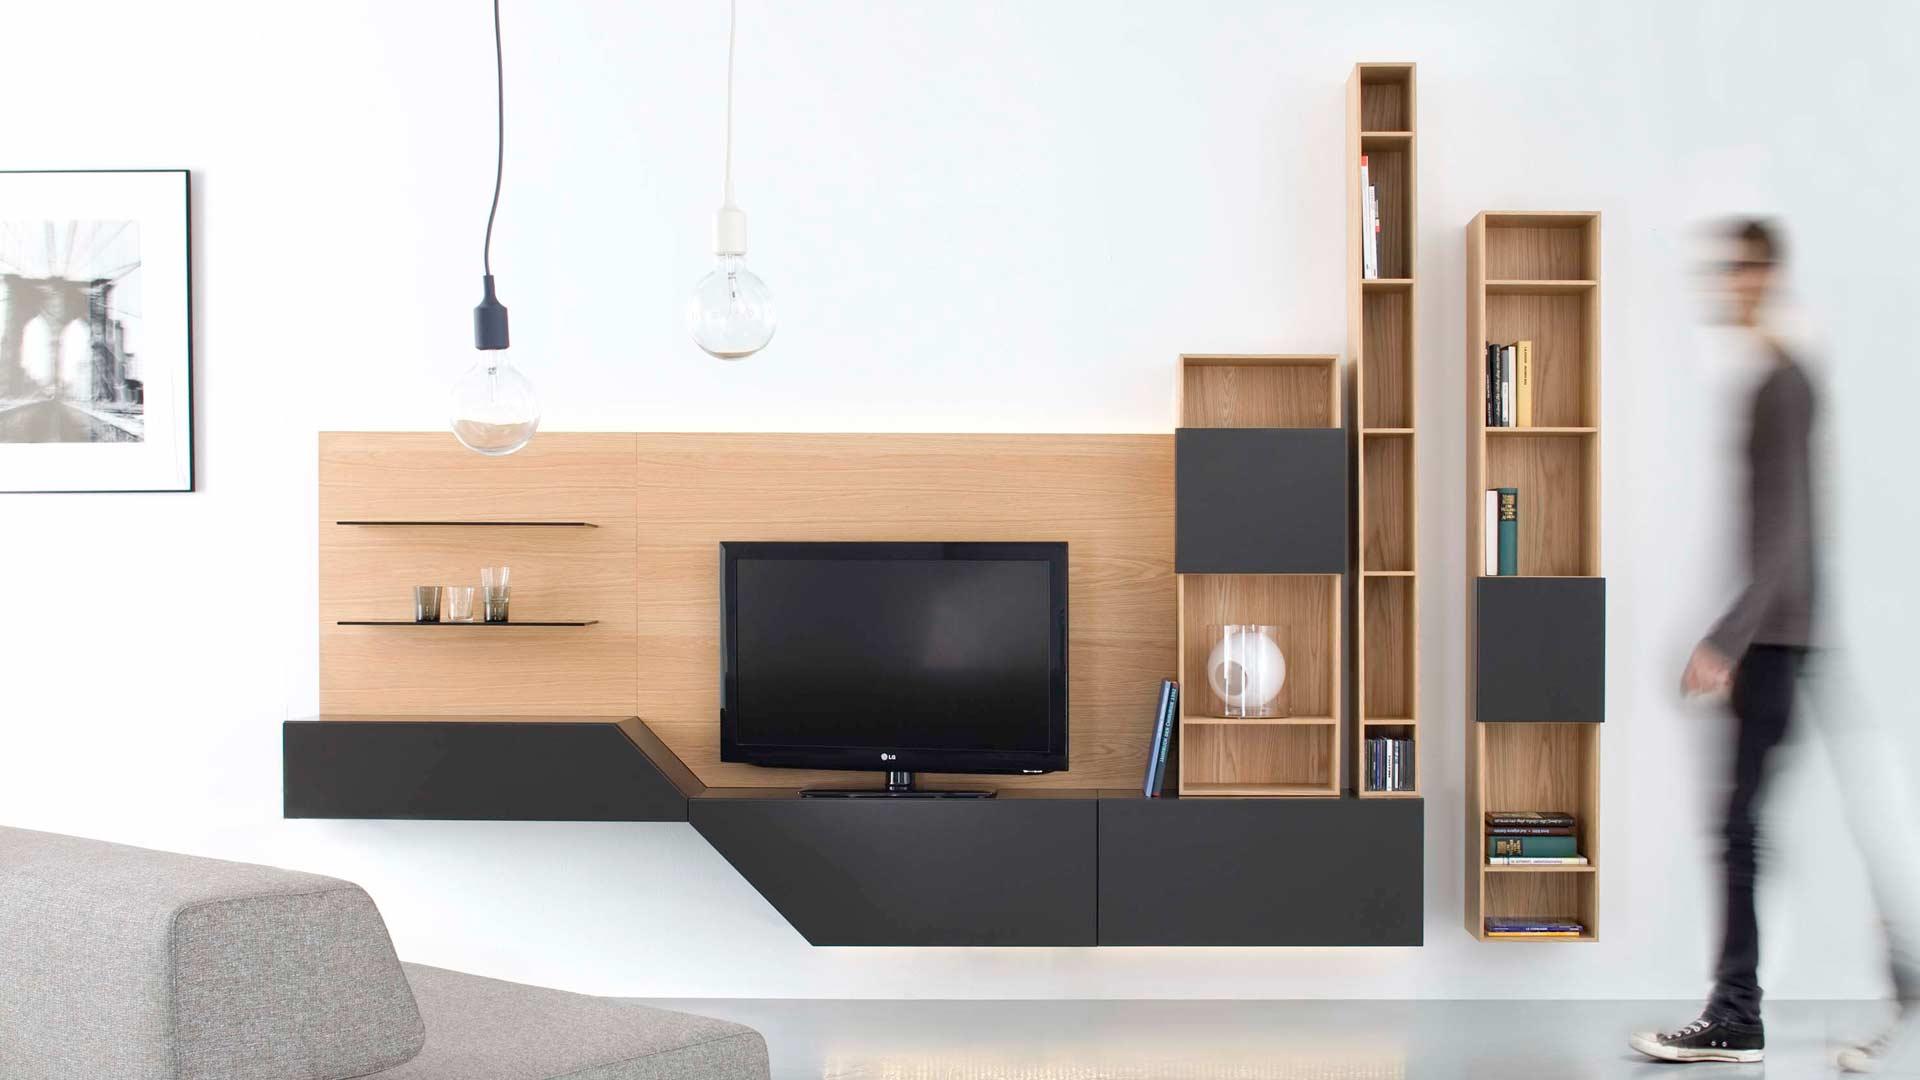 Verschiedene Möbelhaus In Der Nähe Dekoration Von Möbel Und Küchen Neumünster - Möbel Schulz